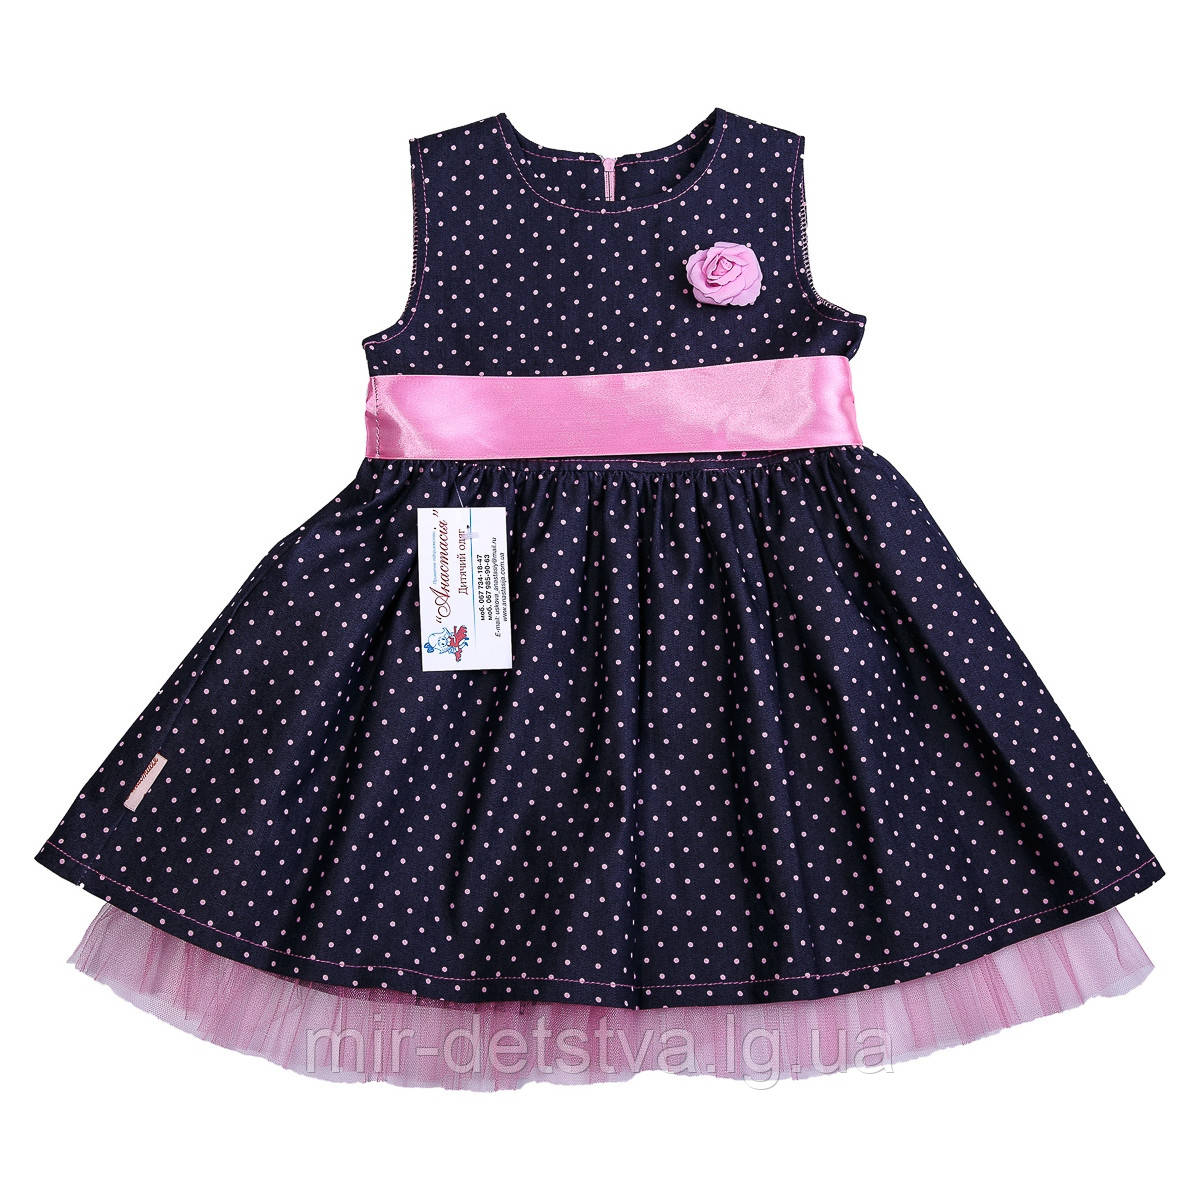 Детская одежда оптом нарядная одежда